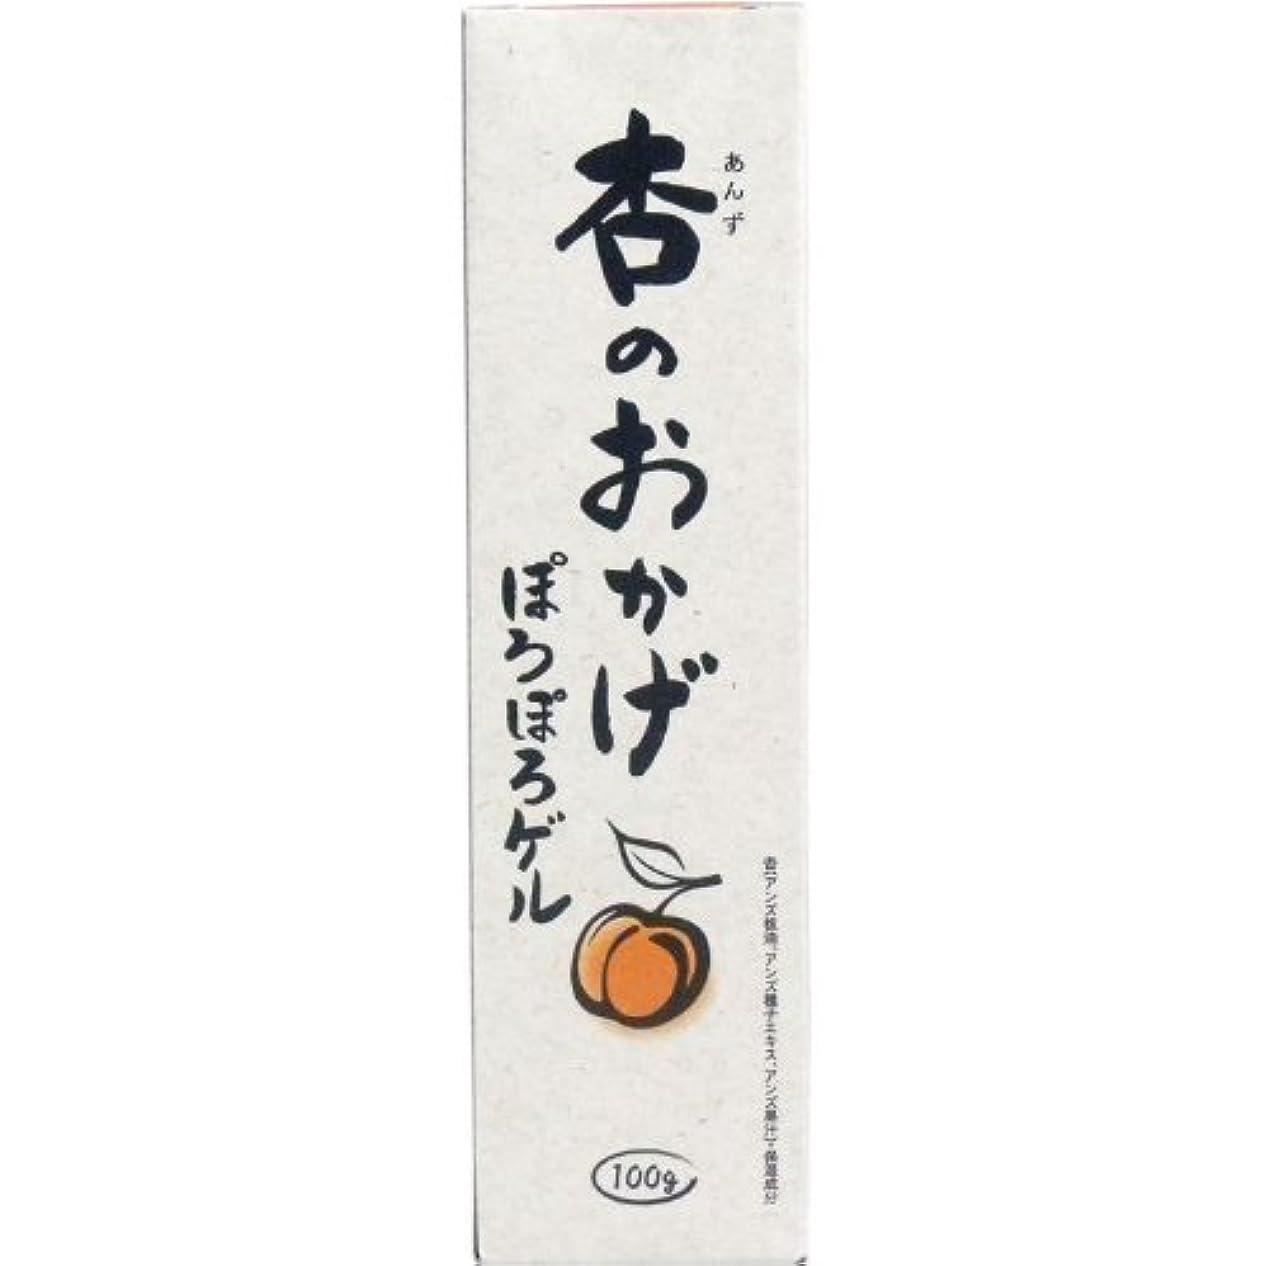 カメラスピン結果杏のおかげ ぽろぽろゲル 100g【2個セット】